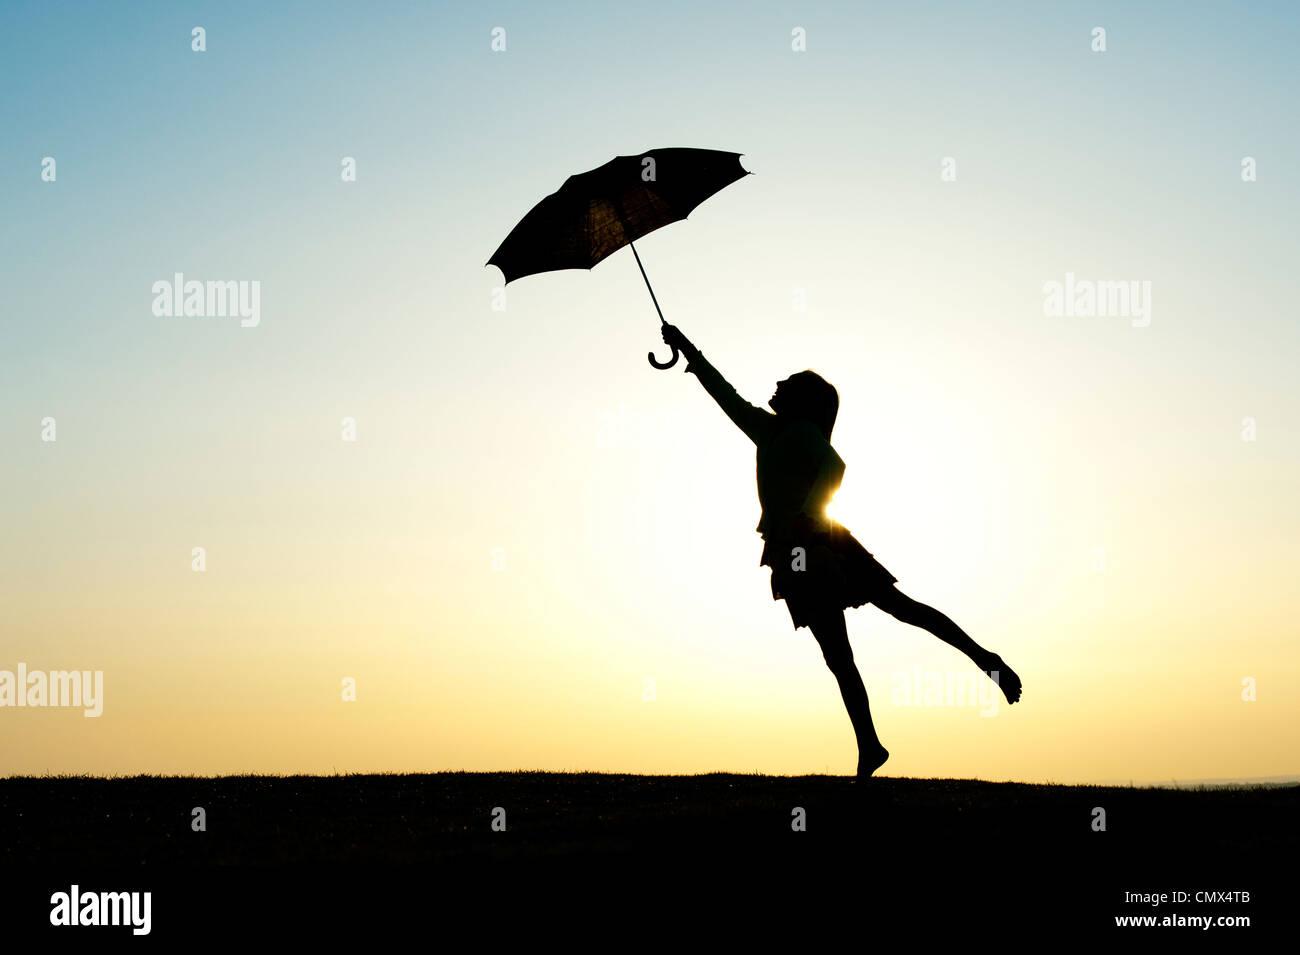 Ragazza giovane jumping con un ombrello al tramonto. Silhouette Immagini Stock